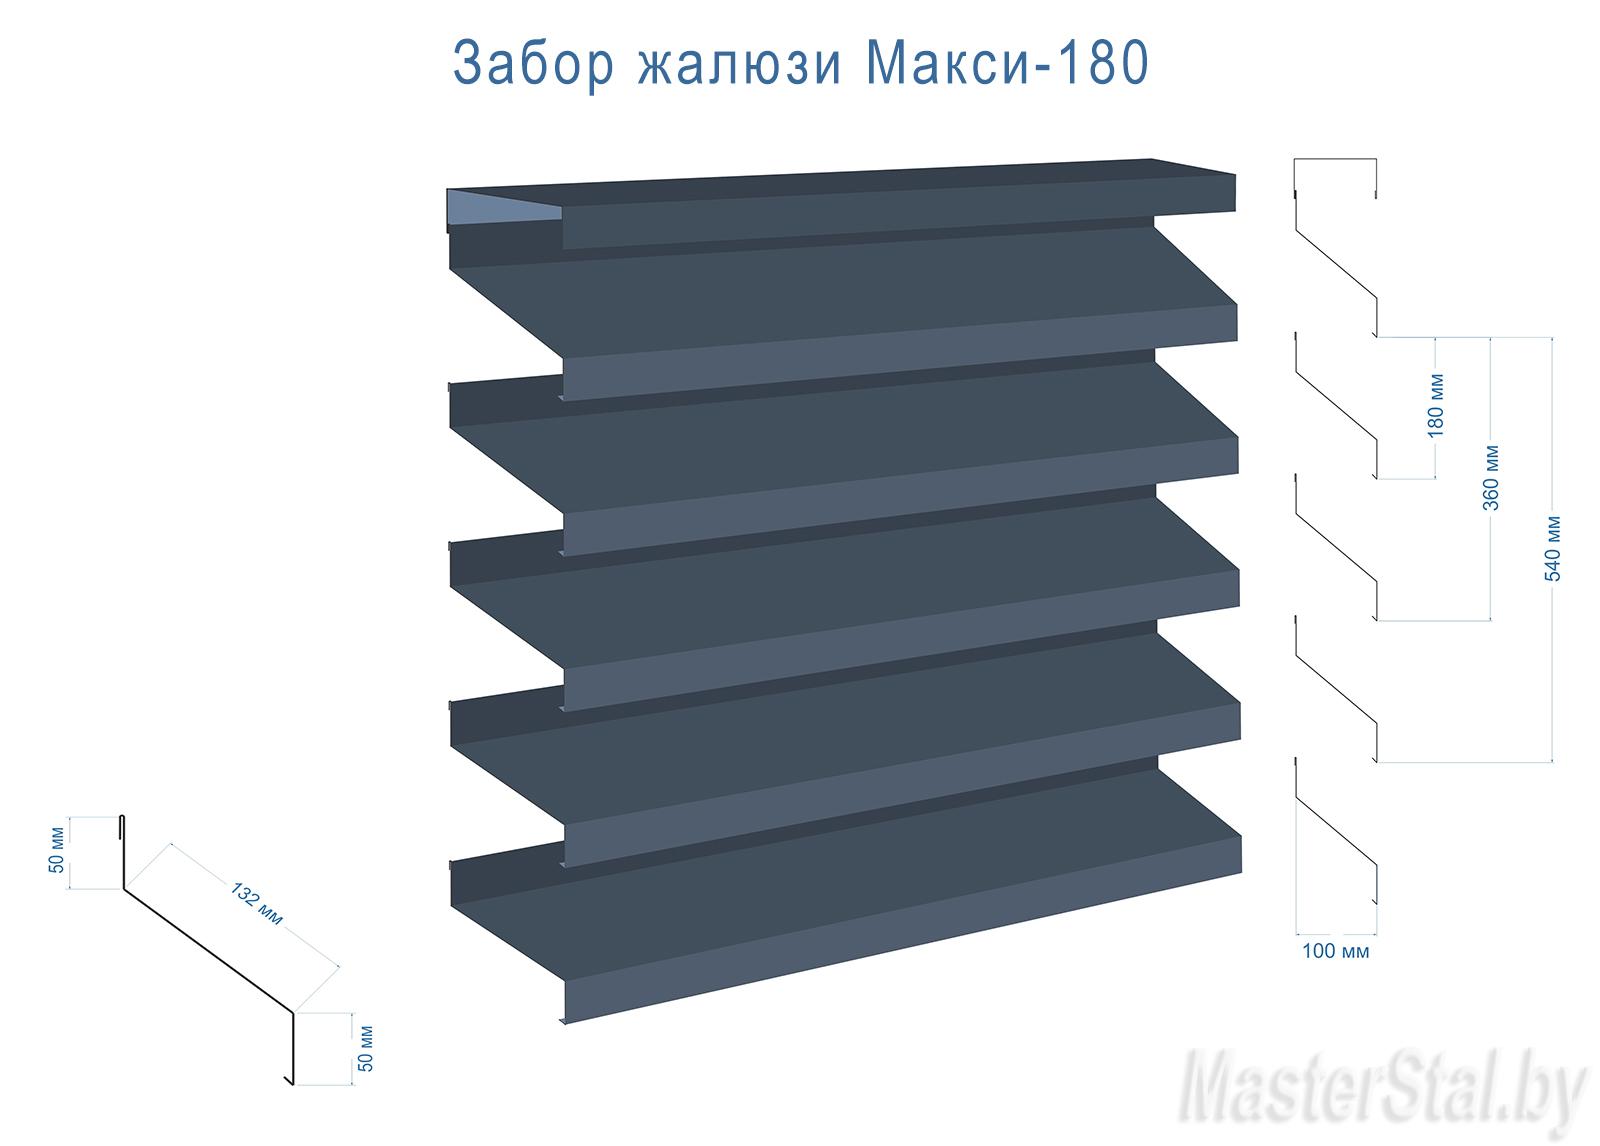 Забор жалюзи металлический матовый Макси-180 размеры